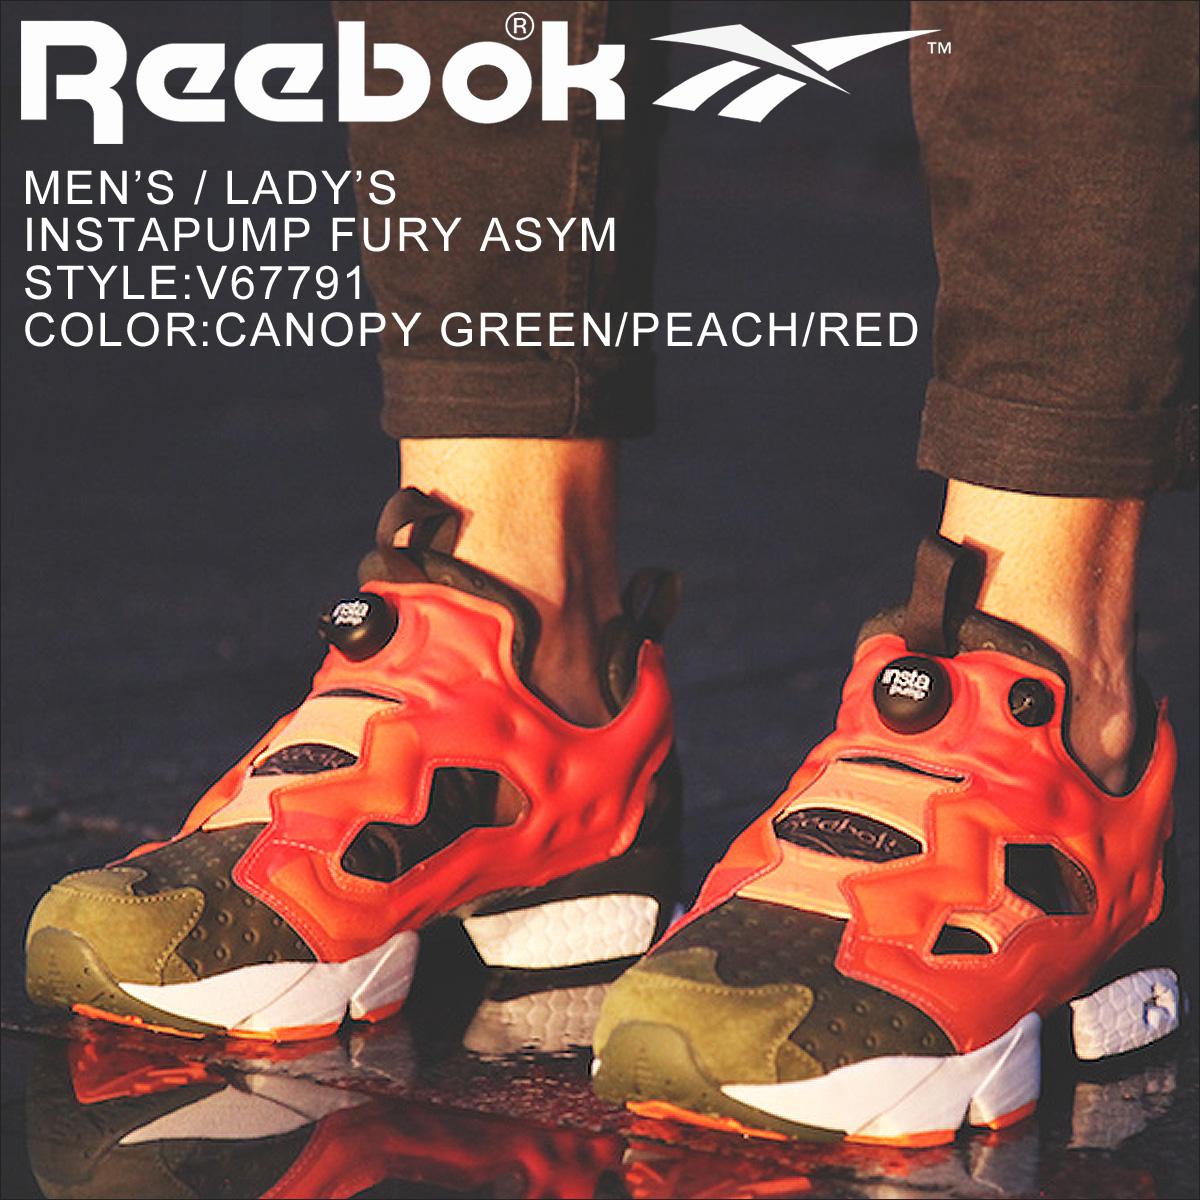 リーボック ポンプフューリー スニーカー Reebok INSTAPUMP FURY ASYM メンズ レディース V67791 オレンジ